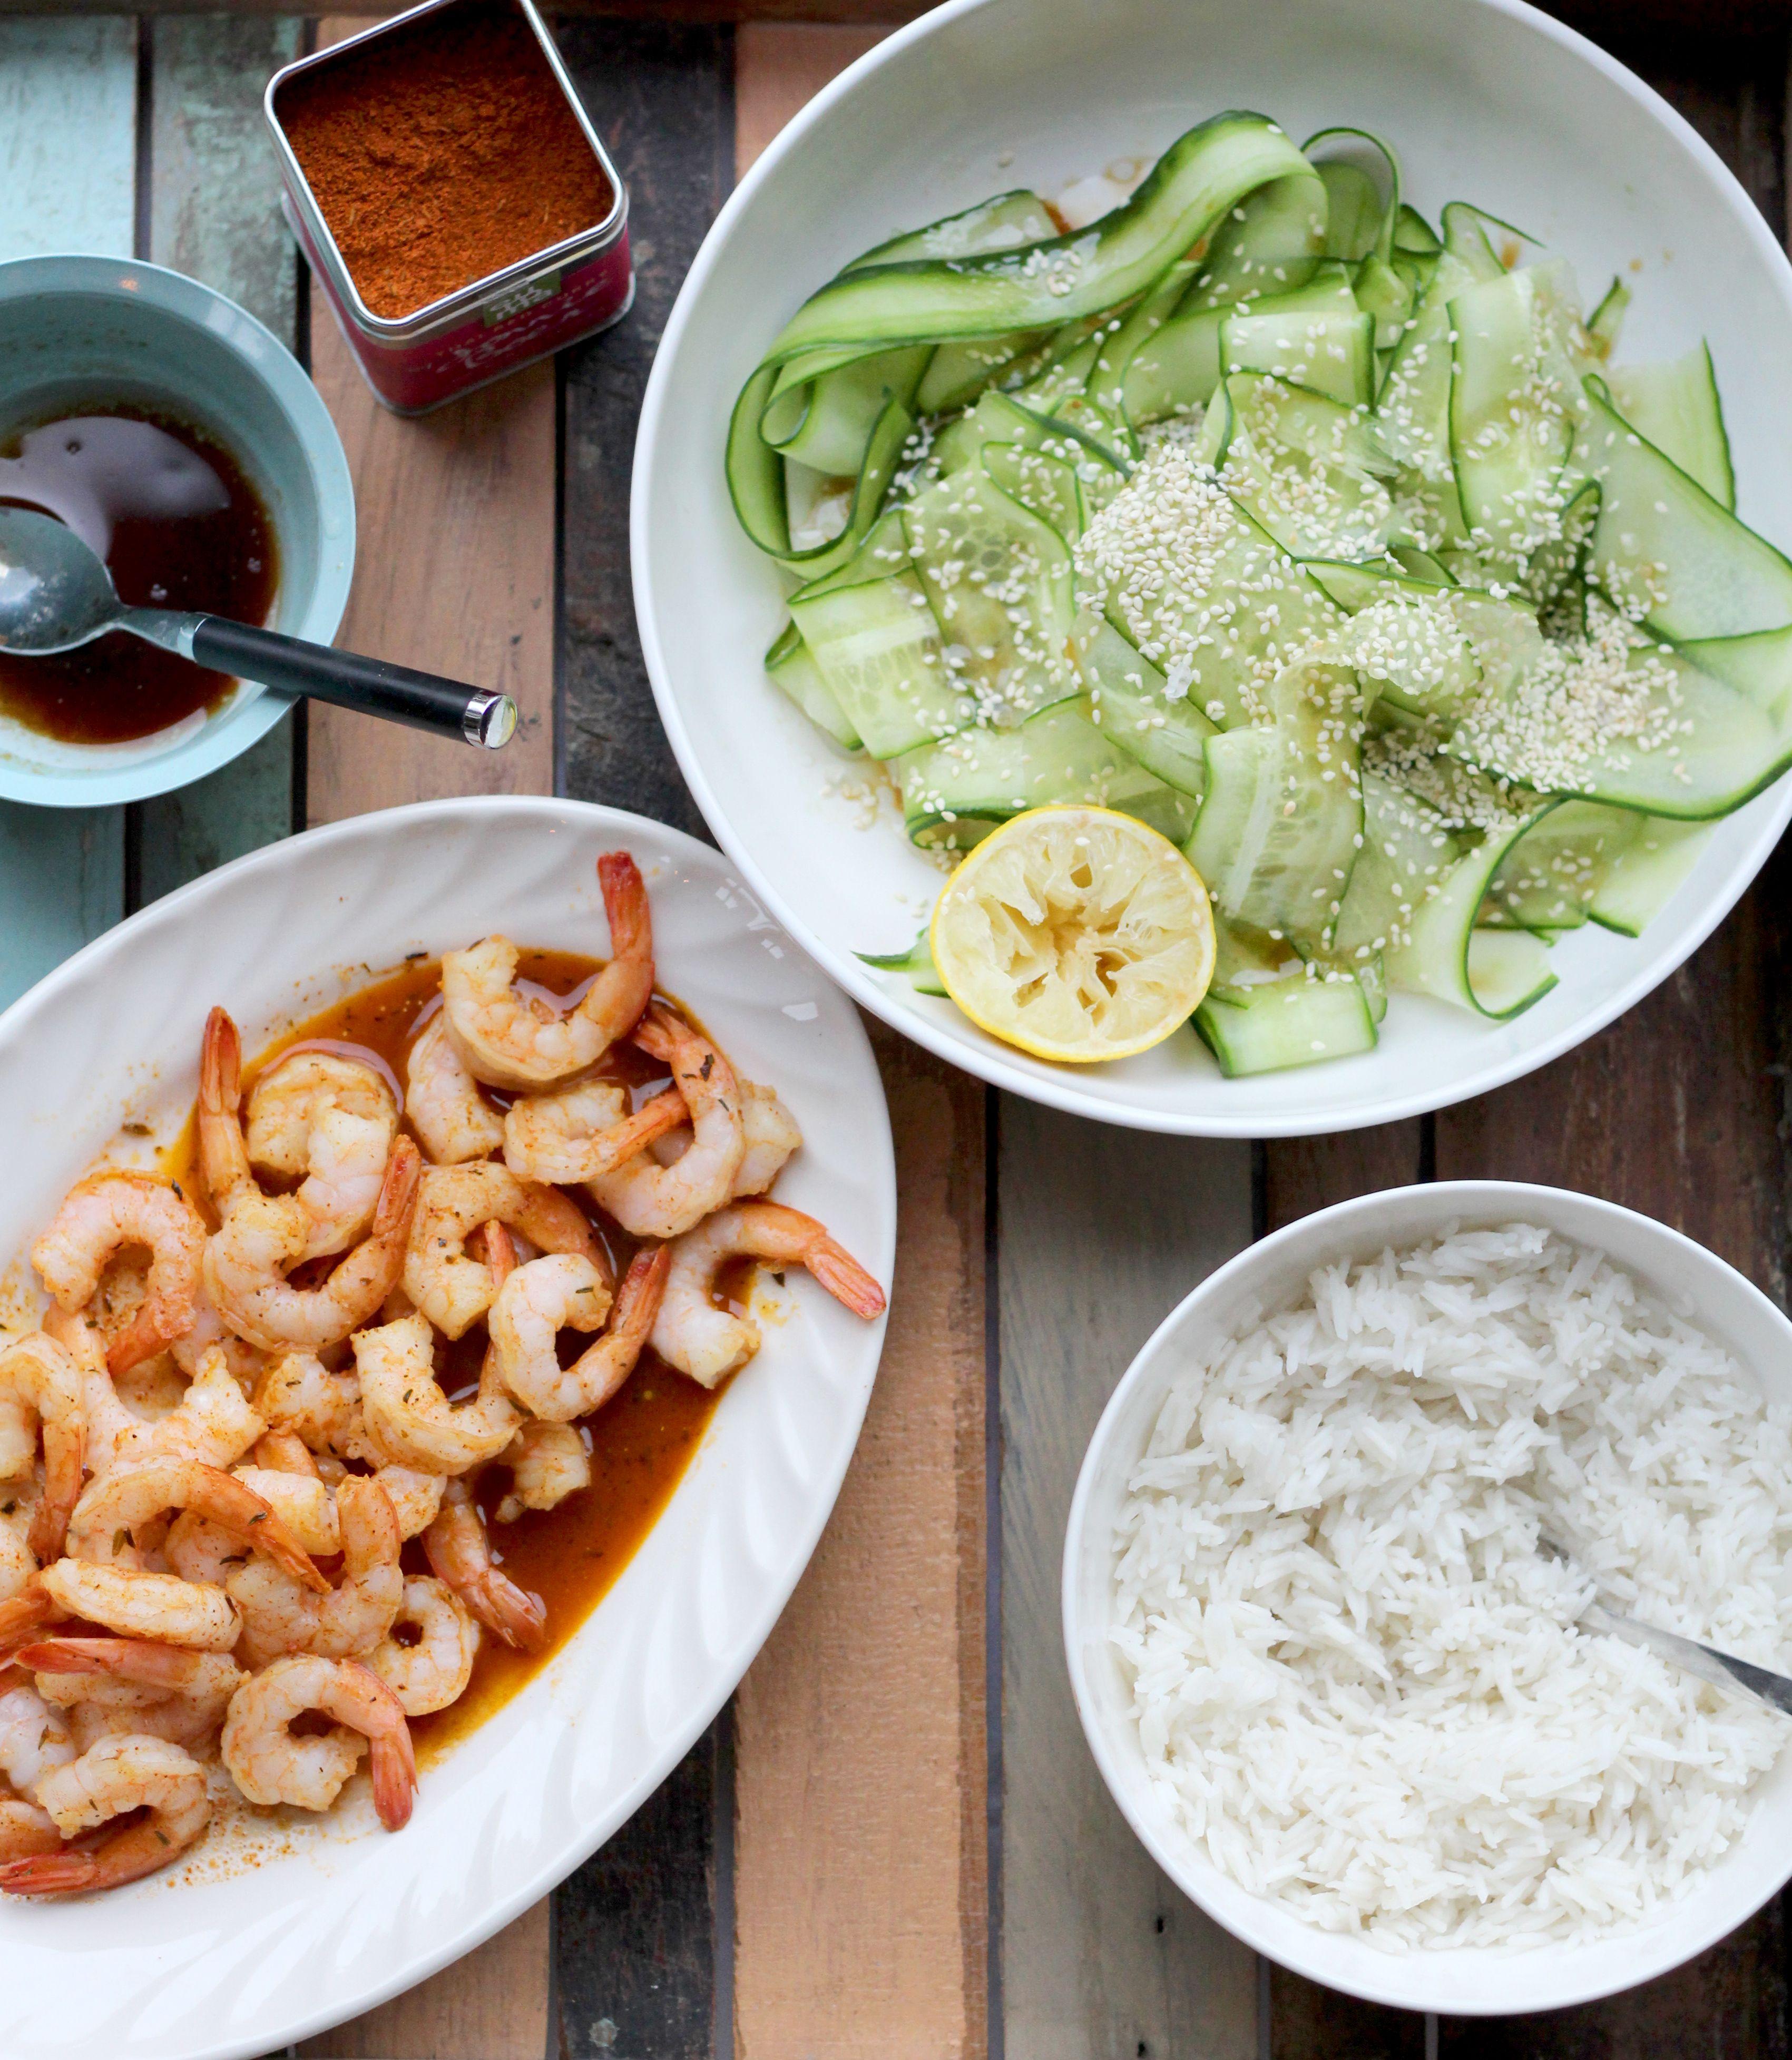 Lekker spicy maaltje: Original Spices Thai Red Curry-garnalen met een frisse komkommersalade, geserveerd met basmatirijst.